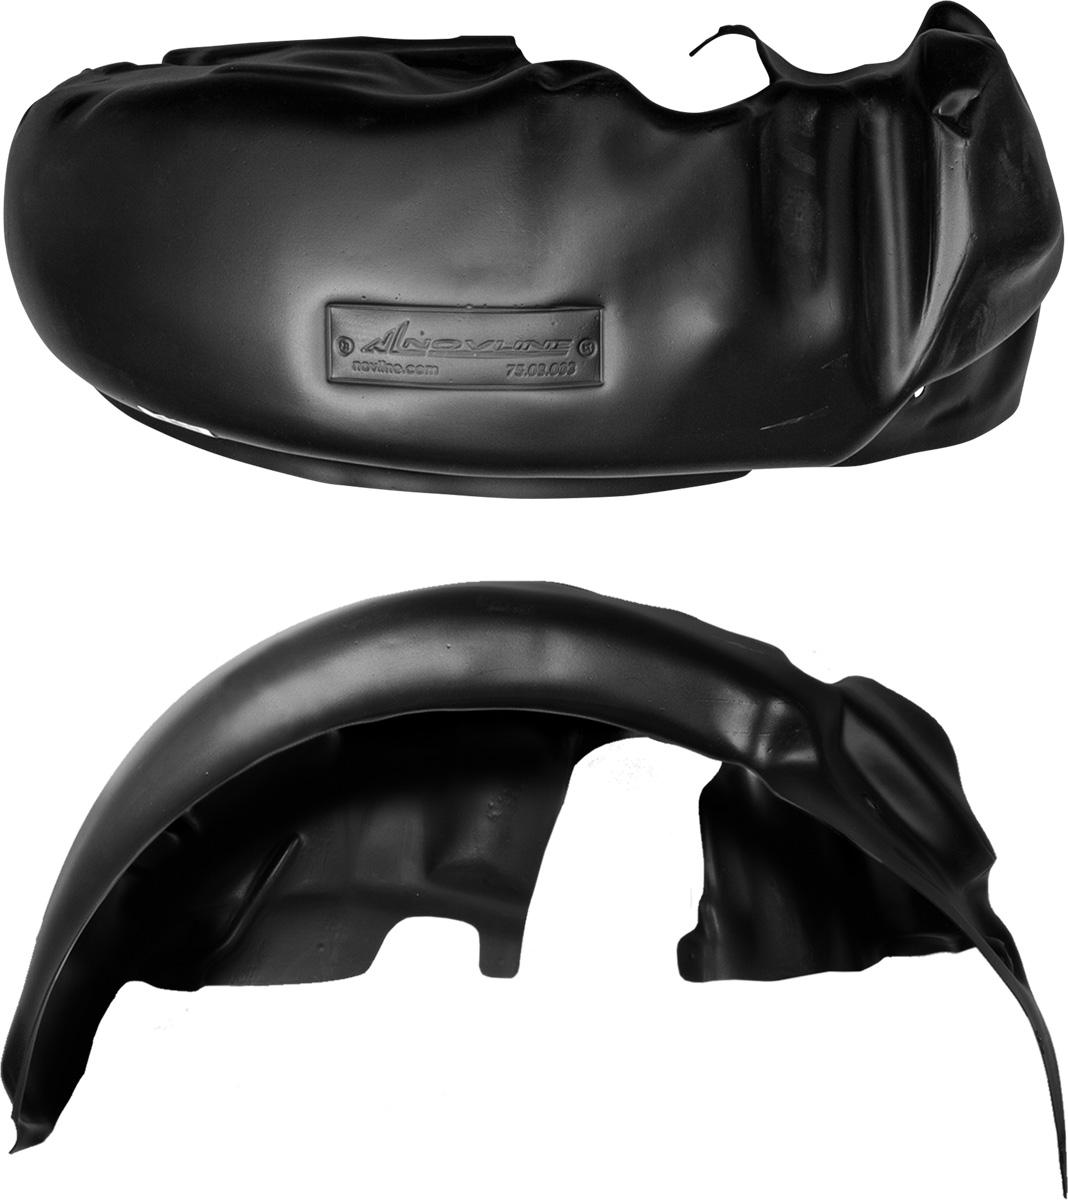 Подкрылок TOYOTA Land Cruiser Prado 12/2009->, задний правый1004900000360Колесные ниши – одни из самых уязвимых зон днища вашего автомобиля. Они постоянно подвергаются воздействию со стороны дороги. Лучшая, почти абсолютная защита для них - специально отформованные пластиковые кожухи, которые называются подкрылками, или локерами. Производятся они как для отечественных моделей автомобилей, так и для иномарок. Подкрылки выполнены из высококачественного, экологически чистого пластика. Обеспечивают надежную защиту кузова автомобиля от пескоструйного эффекта и негативного влияния, агрессивных антигололедных реагентов. Пластик обладает более низкой теплопроводностью, чем металл, поэтому в зимний период эксплуатации использование пластиковых подкрылков позволяет лучше защитить колесные ниши от налипания снега и образования наледи. Оригинальность конструкции подчеркивает элегантность автомобиля, бережно защищает нанесенное на днище кузова антикоррозийное покрытие и позволяет осуществить крепление подкрылков внутри колесной арки практически без дополнительного крепежа и сверления, не нарушая при этом лакокрасочного покрытия, что предотвращает возникновение новых очагов коррозии. Технология крепления подкрылков на иномарки принципиально отличается от крепления на российские автомобили и разрабатывается индивидуально для каждой модели автомобиля. Подкрылки долговечны, обладают высокой прочностью и сохраняют заданную форму, а также все свои физико-механические характеристики в самых тяжелых климатических условиях ( от -50° С до + 50° С).